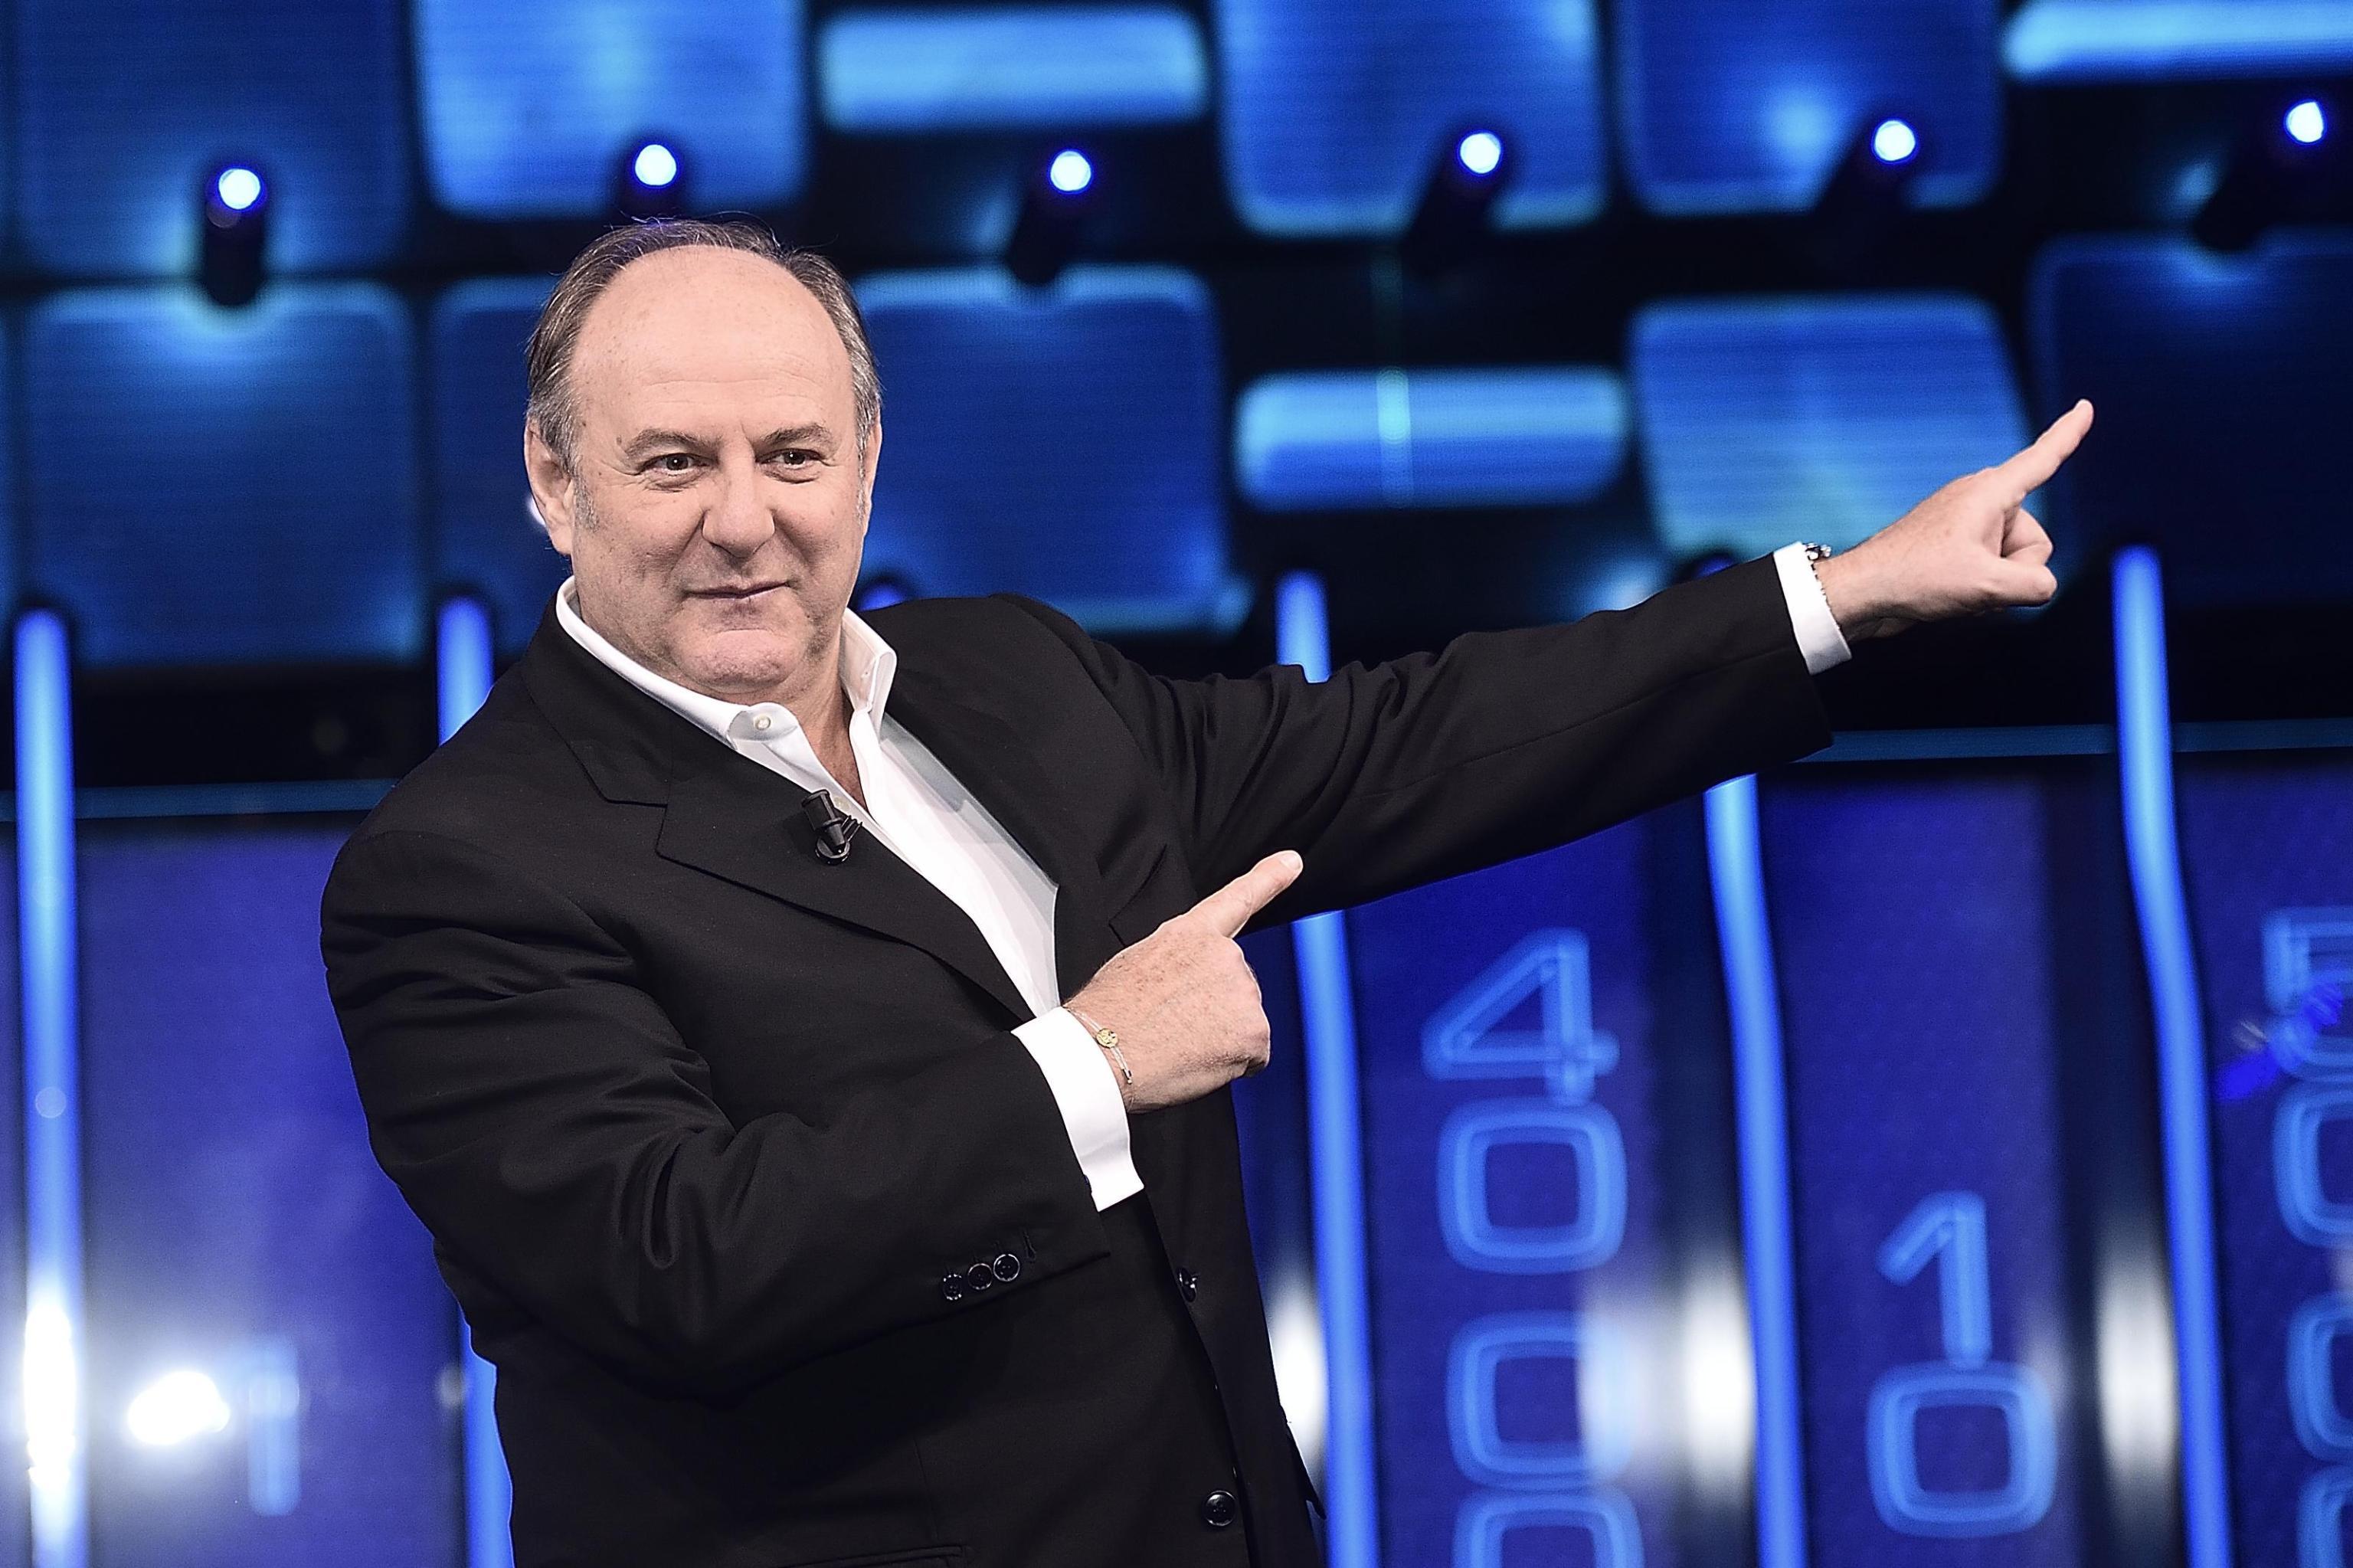 Gerry Scotti e le donne della TV: 'In 35 anni di carriera nessuna tentazione'